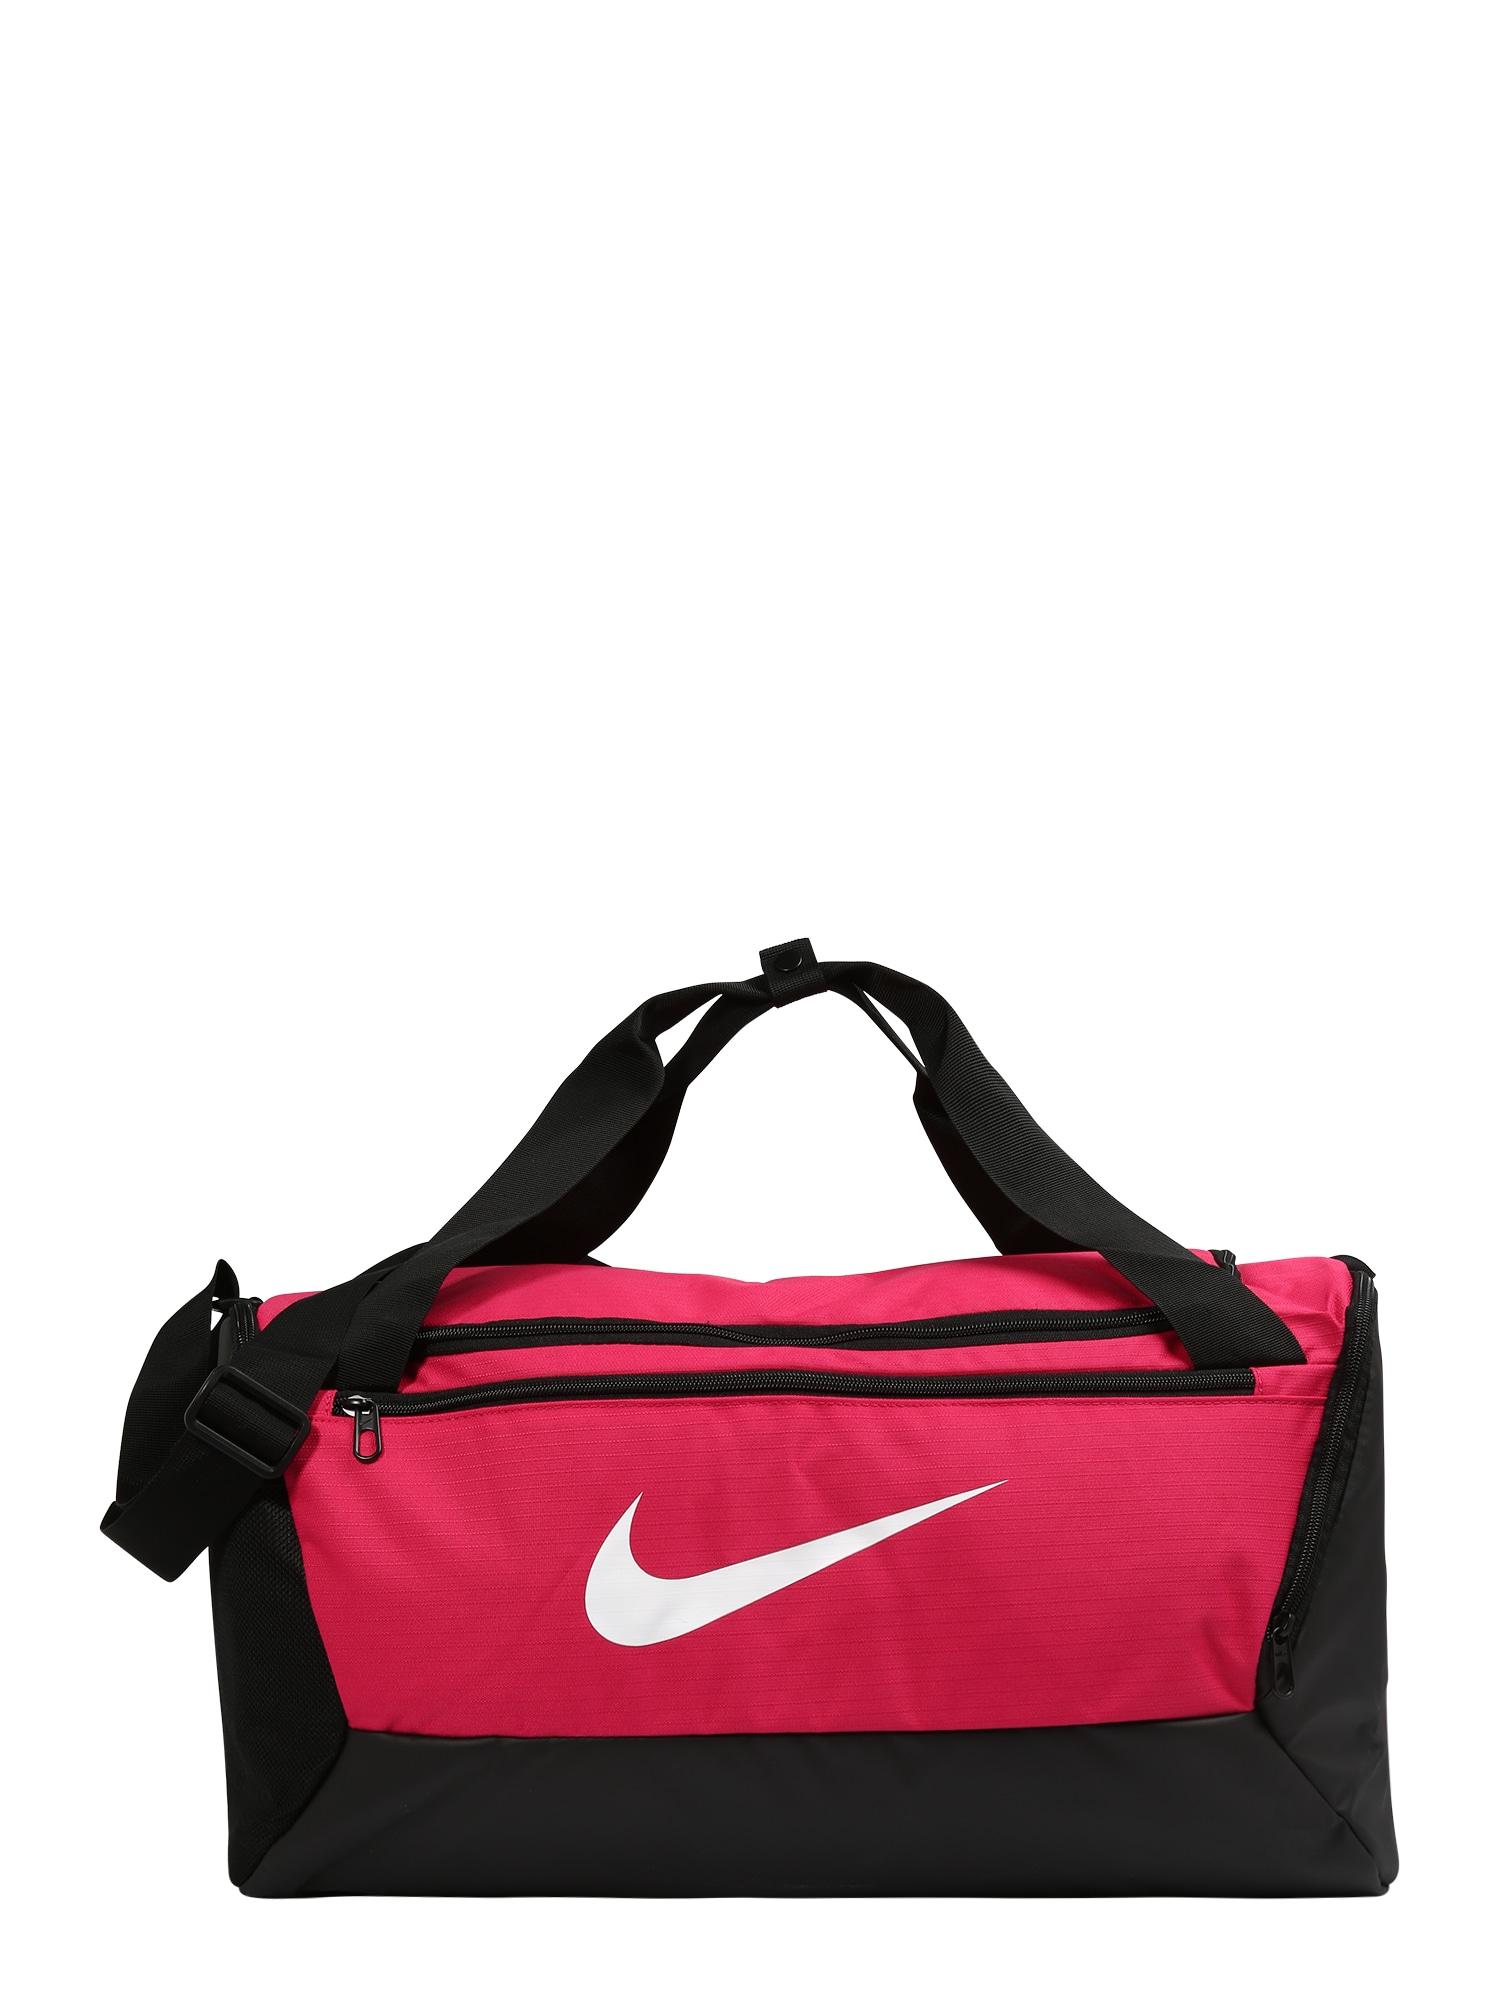 Sportovní taška BRSLA S DUFF - 9.0 pink černá NIKE